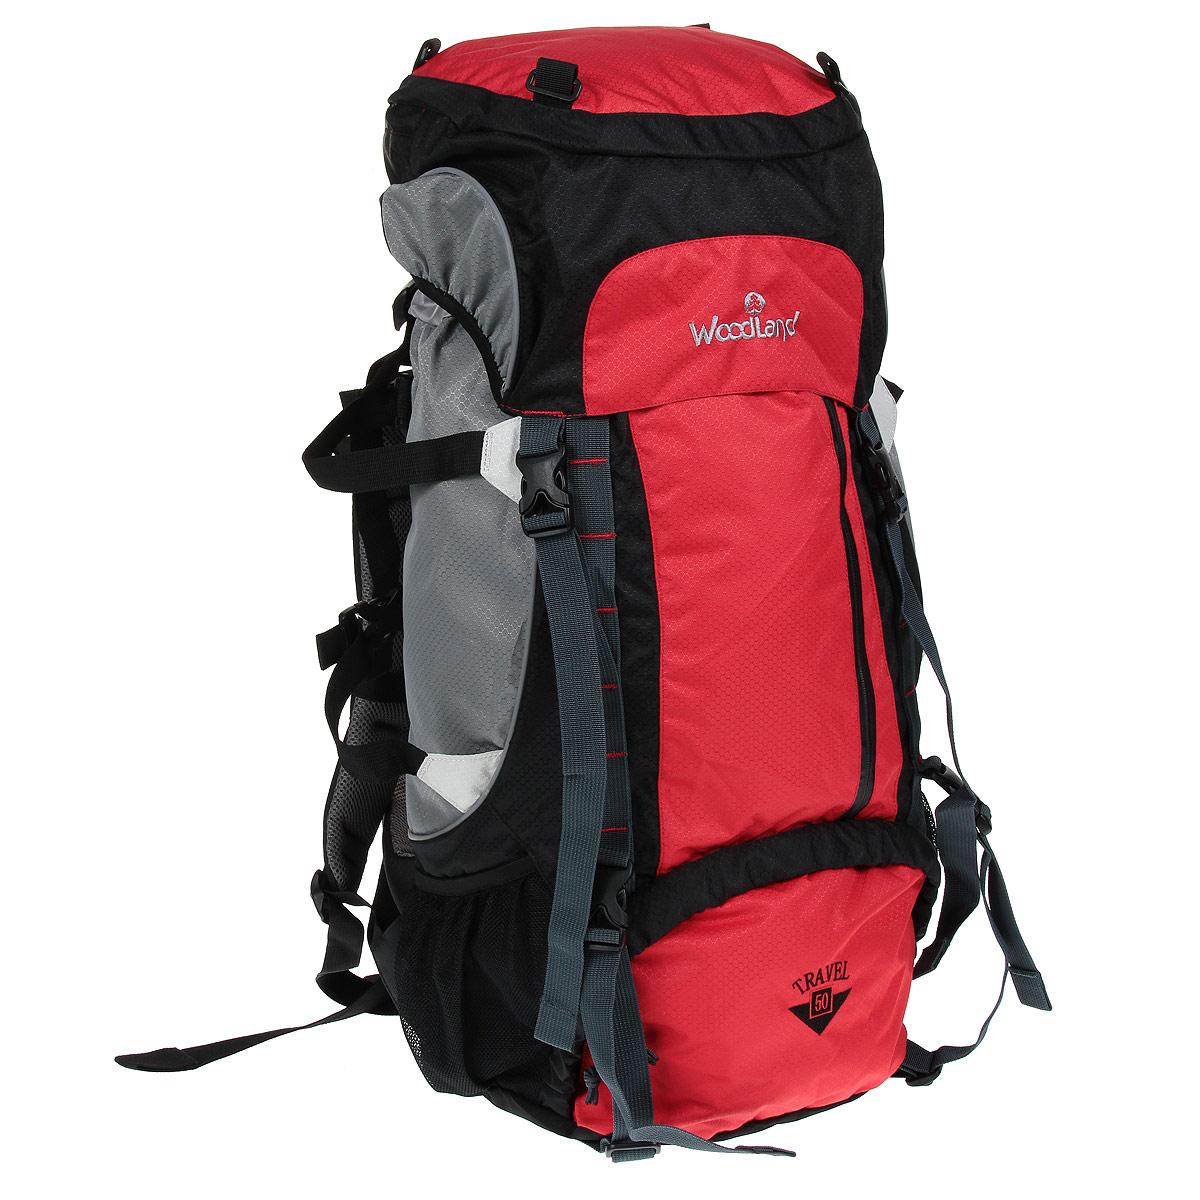 Рюкзак WoodLand  Travel 50 , цвет: красный, серый, светло-серый - Туристические рюкзаки